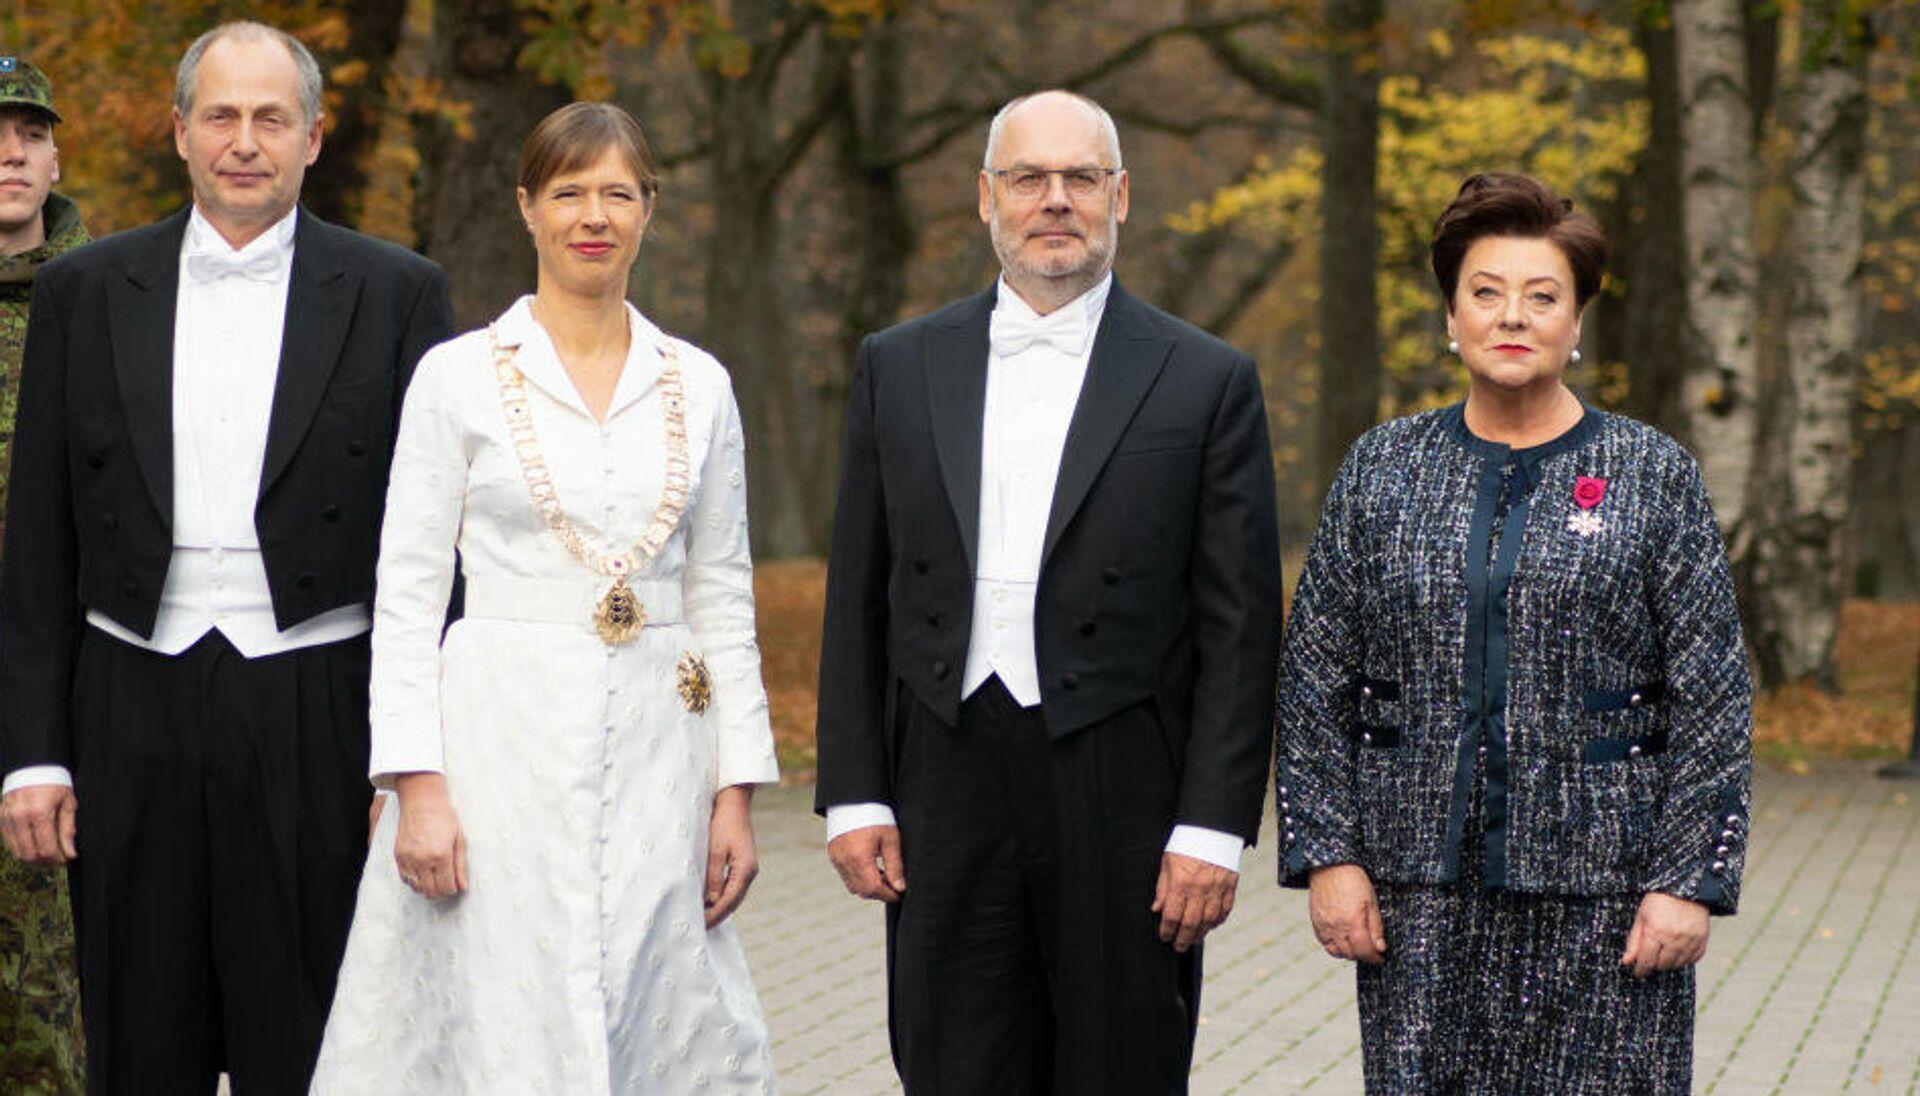 Инаугурация нового президента Эстонии. Слева направо: Георгий-Рене Максимовский, Керсти Кальюлайд, Алар Карис, Сирье Карис - Sputnik Латвия, 1920, 14.10.2021